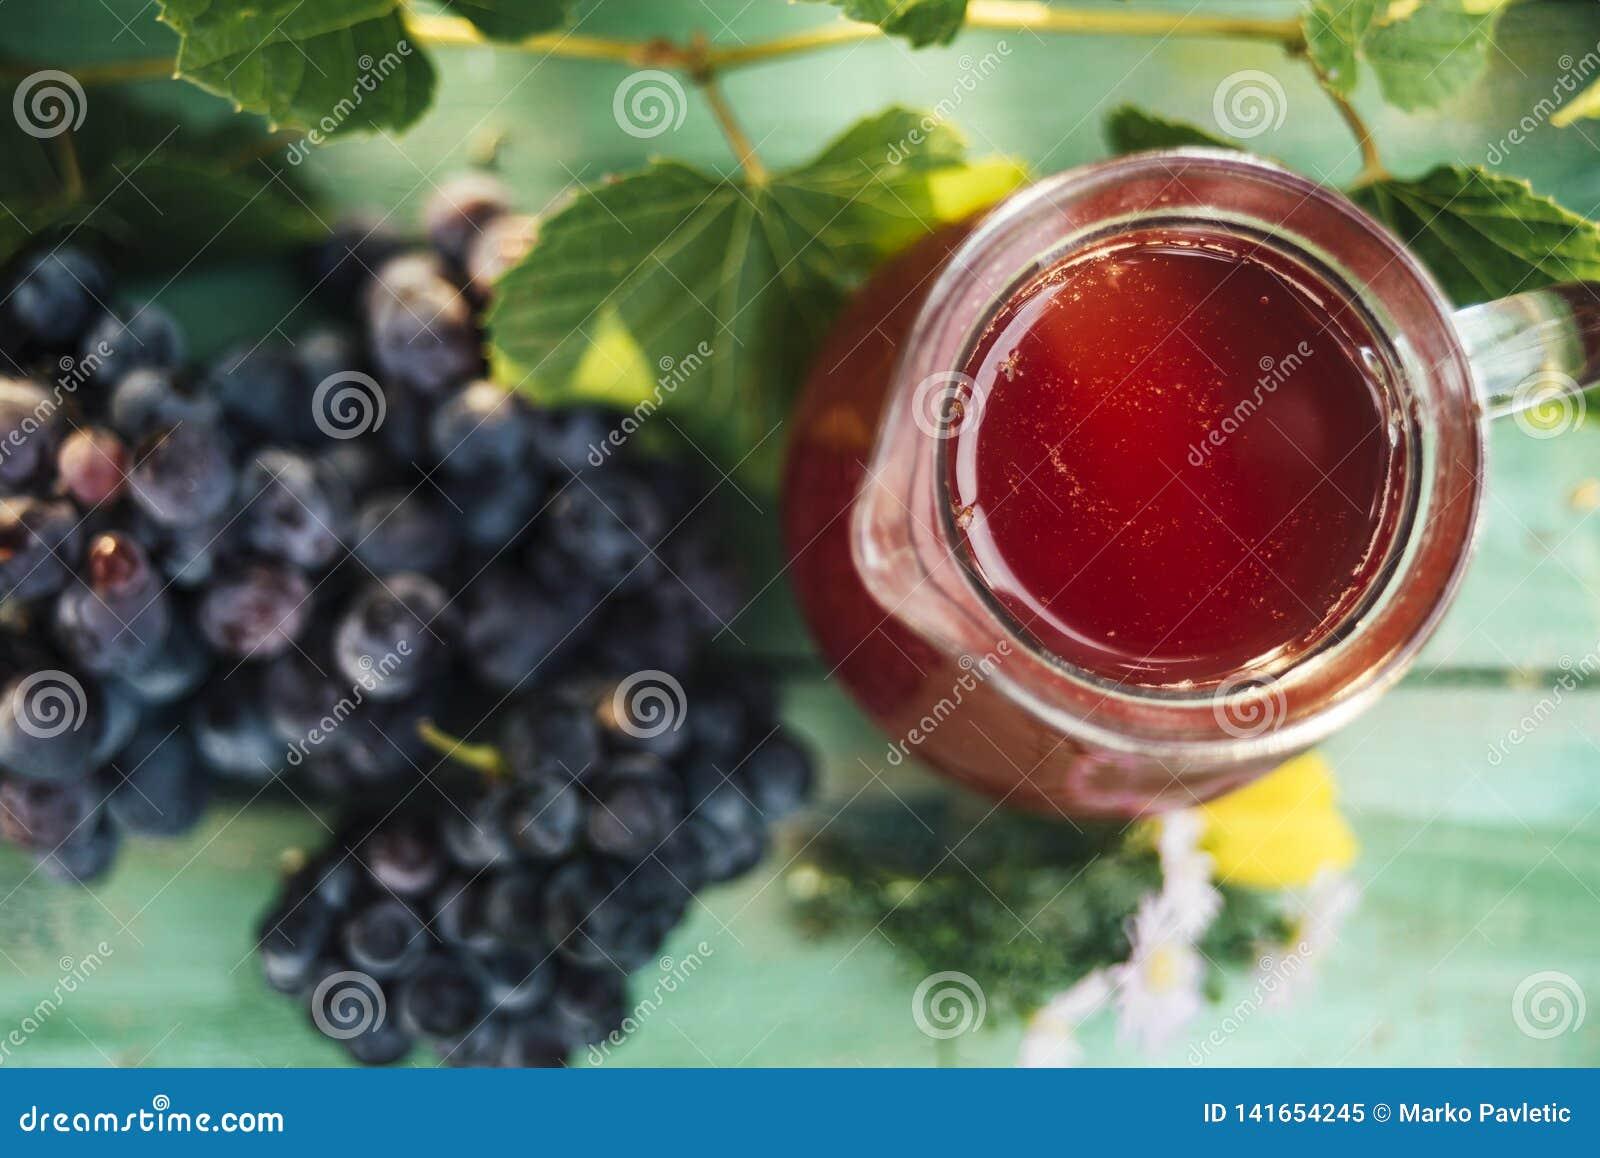 红酒玻璃水瓶与一束葡萄的